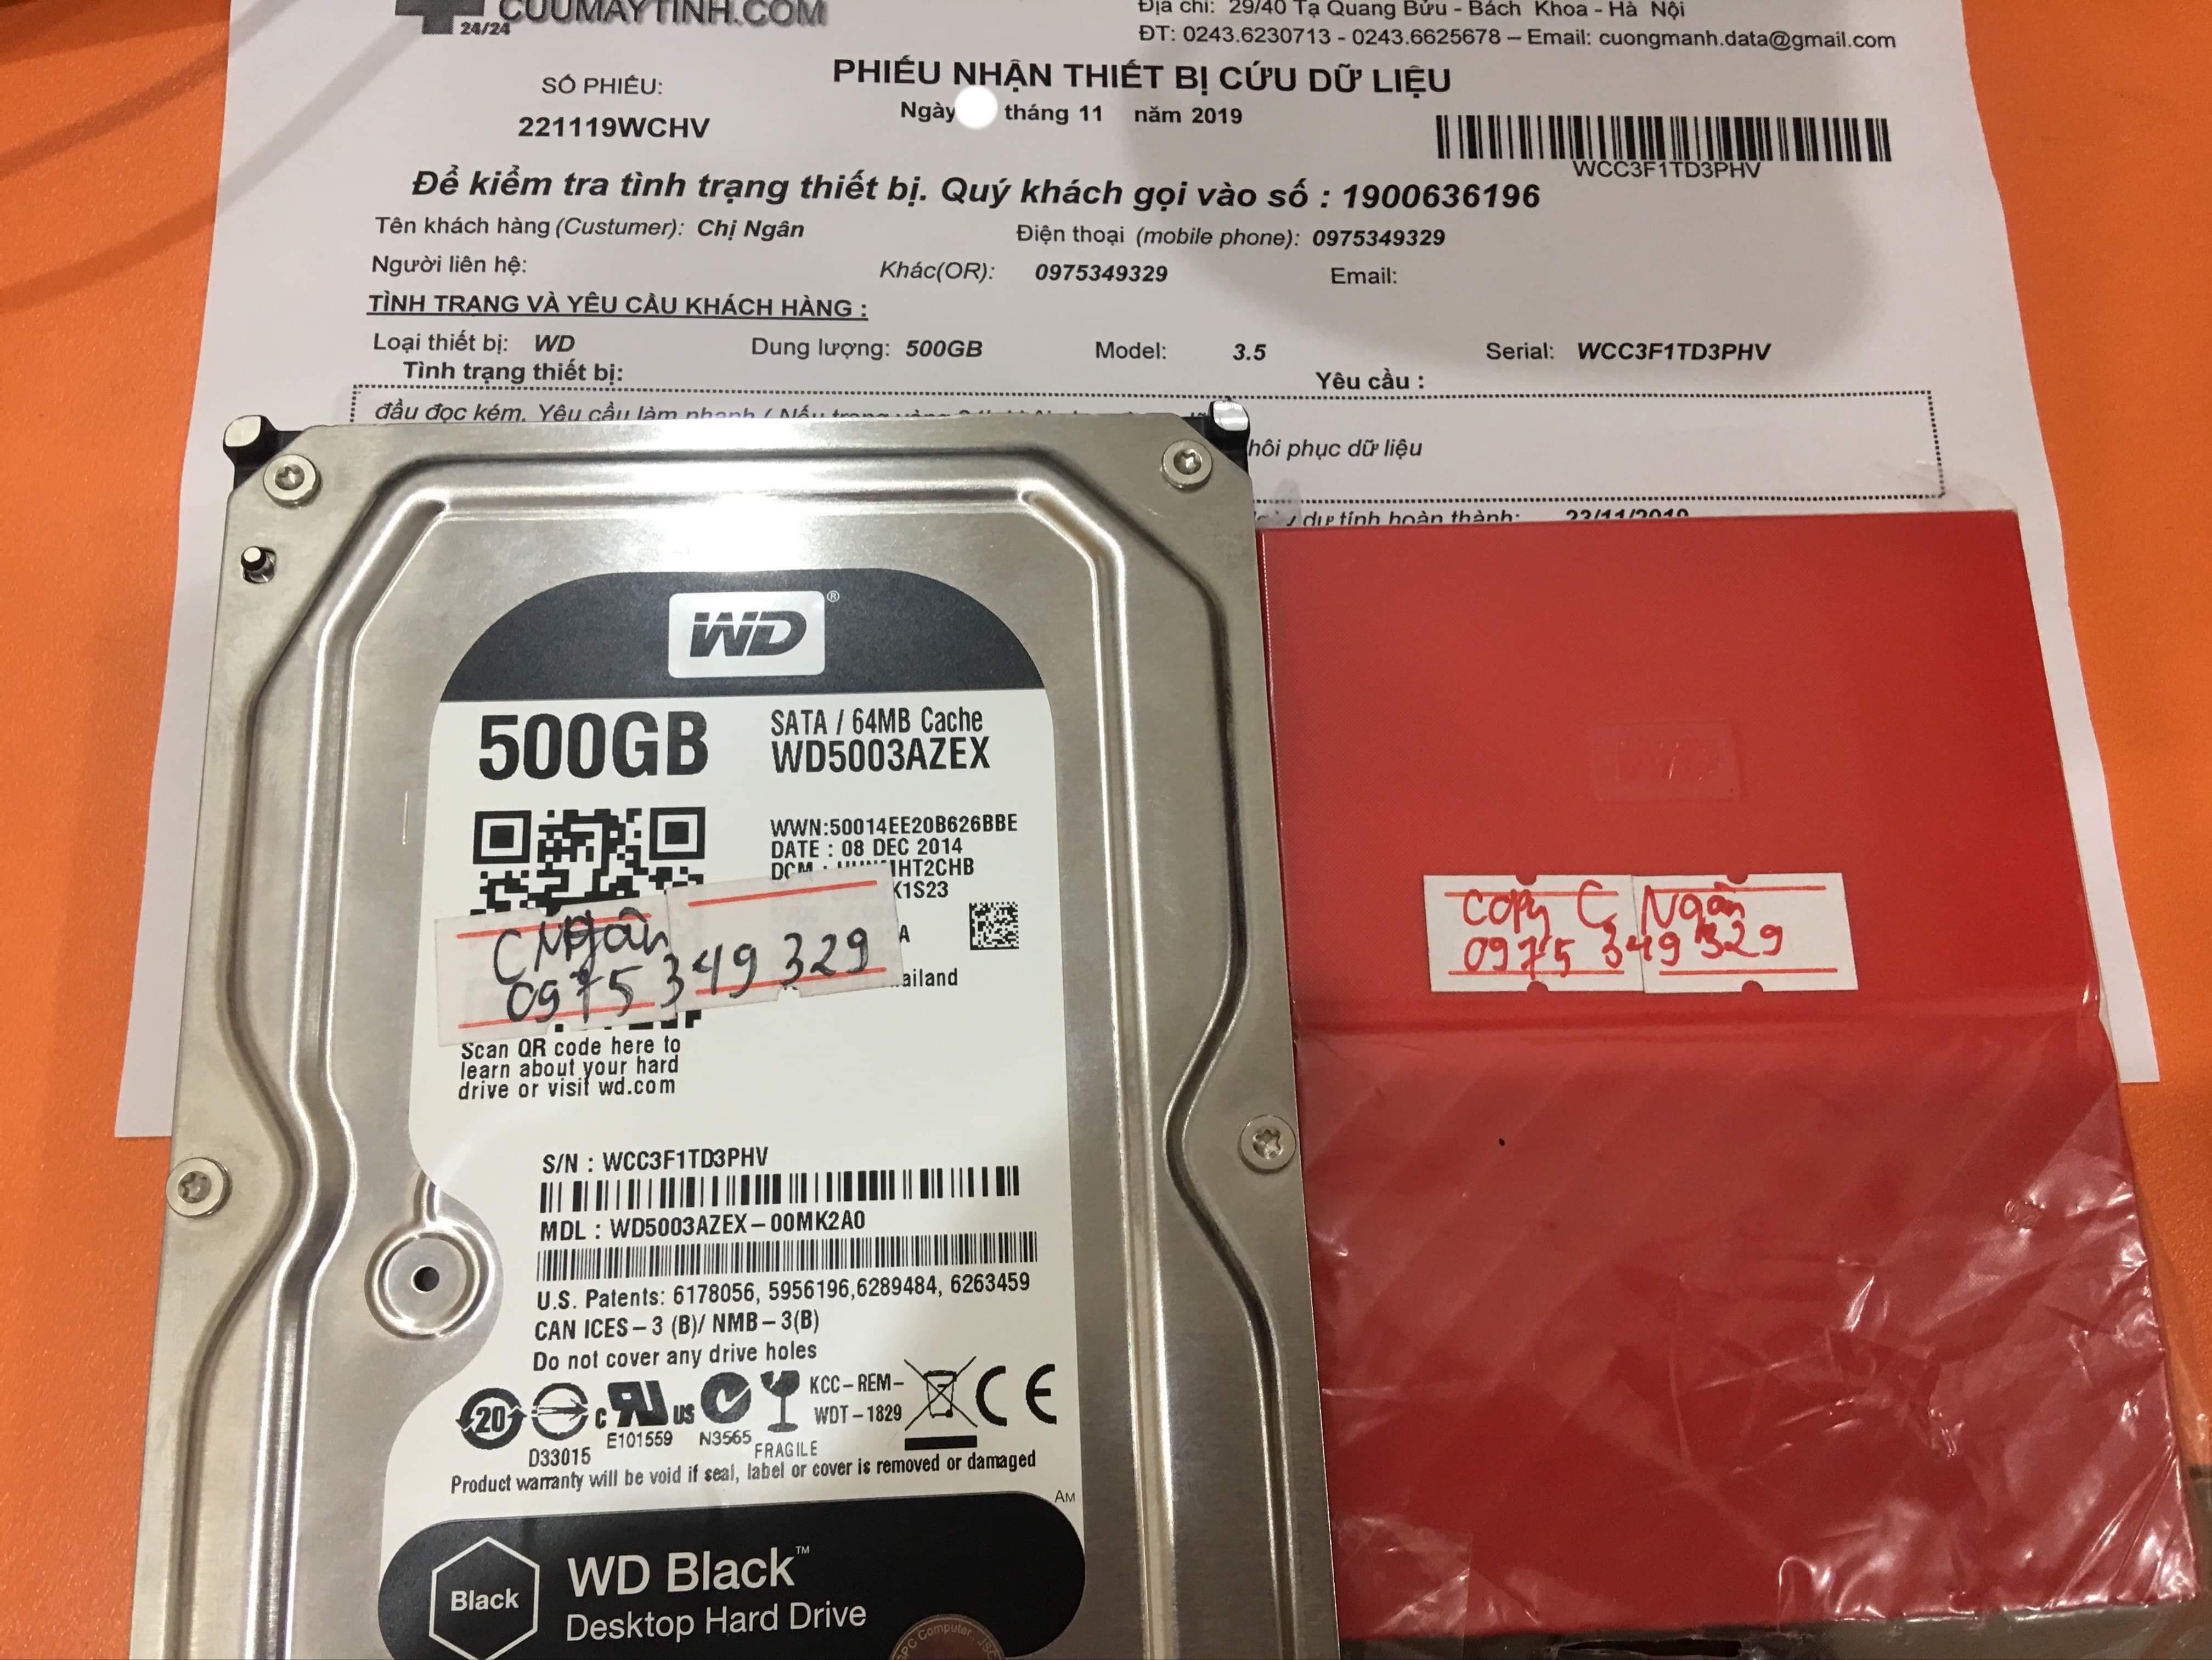 Phục hồi dữ liệu ổ cứng Western 500GB đầu đọc kém 27/11/2019 - cuumaytinh